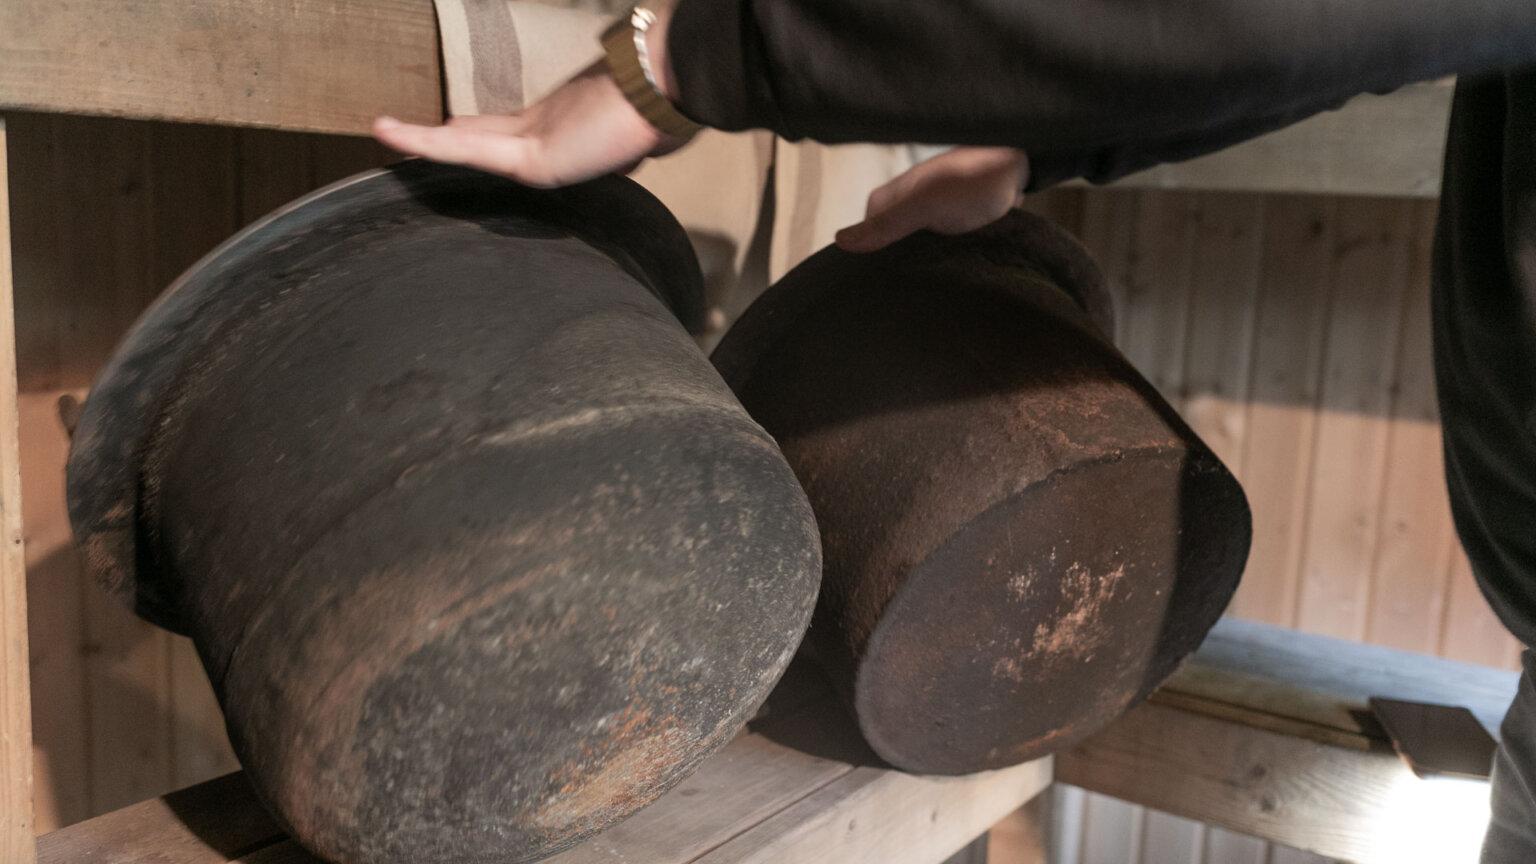 210913-juup-kivikori-versiot-1621